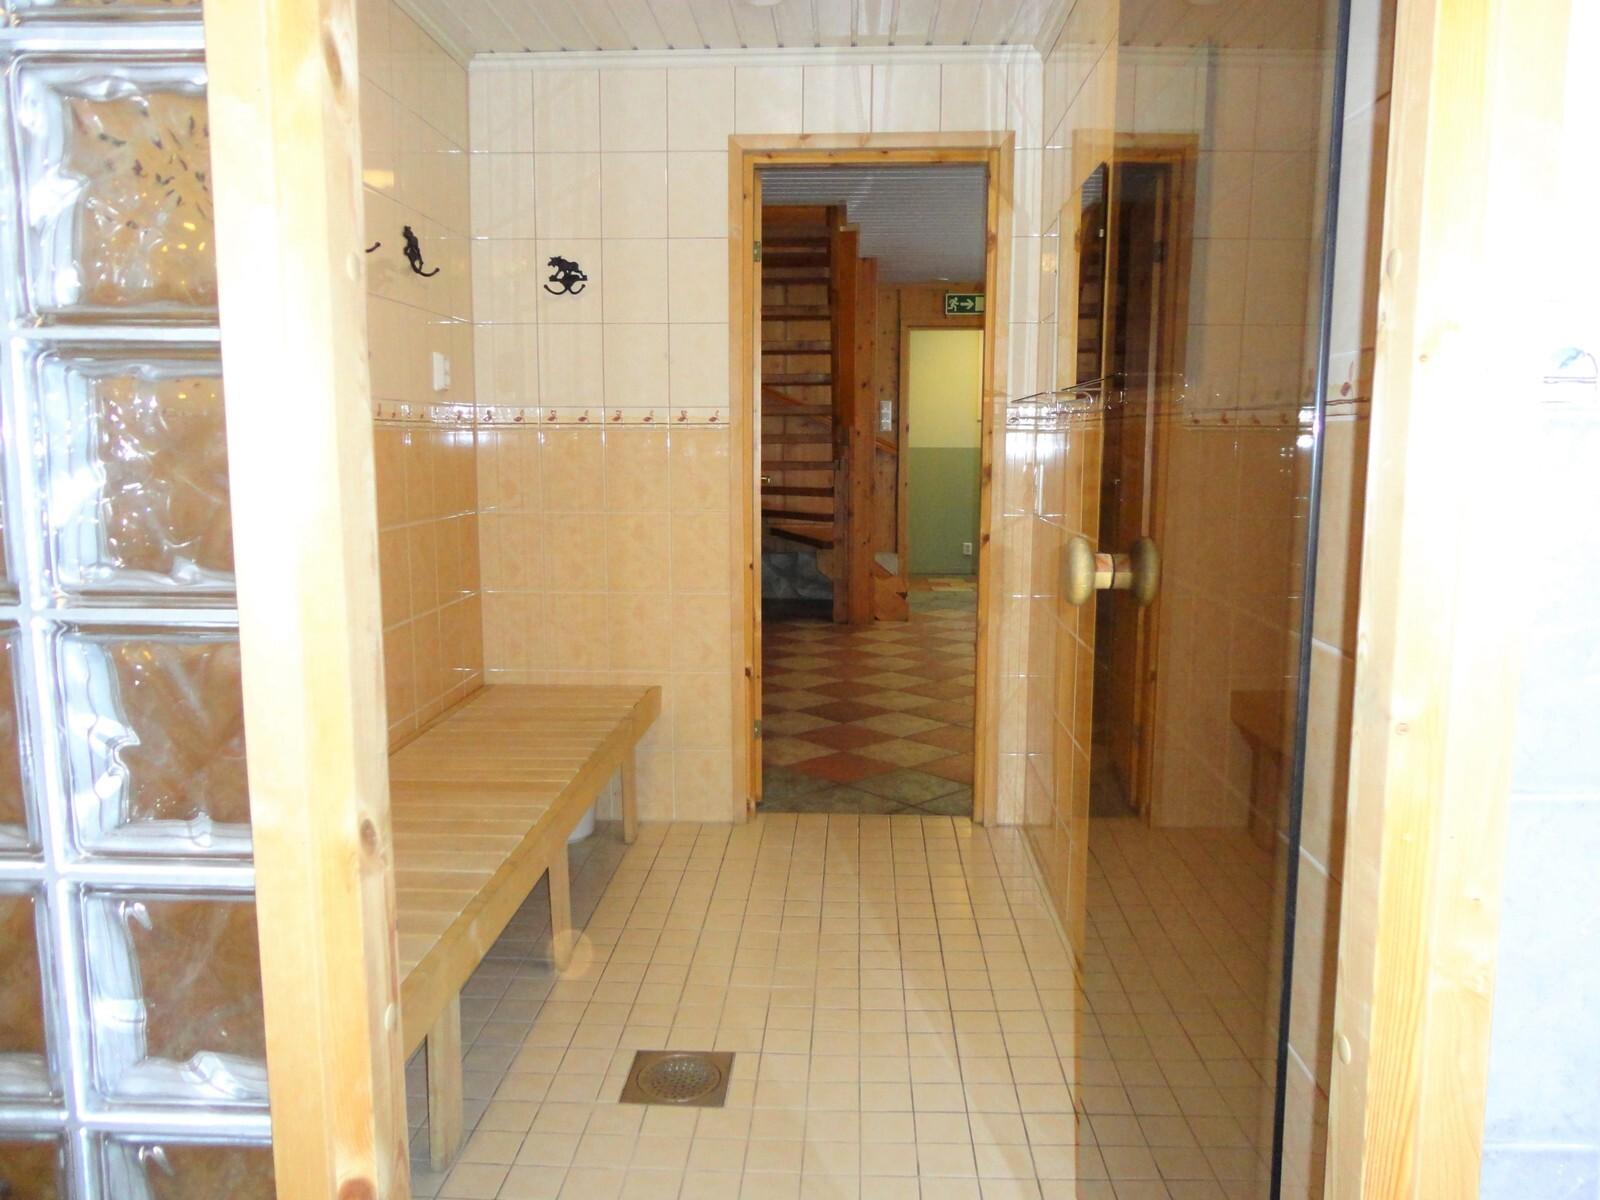 Päärakennuksen saunan pukuhuone